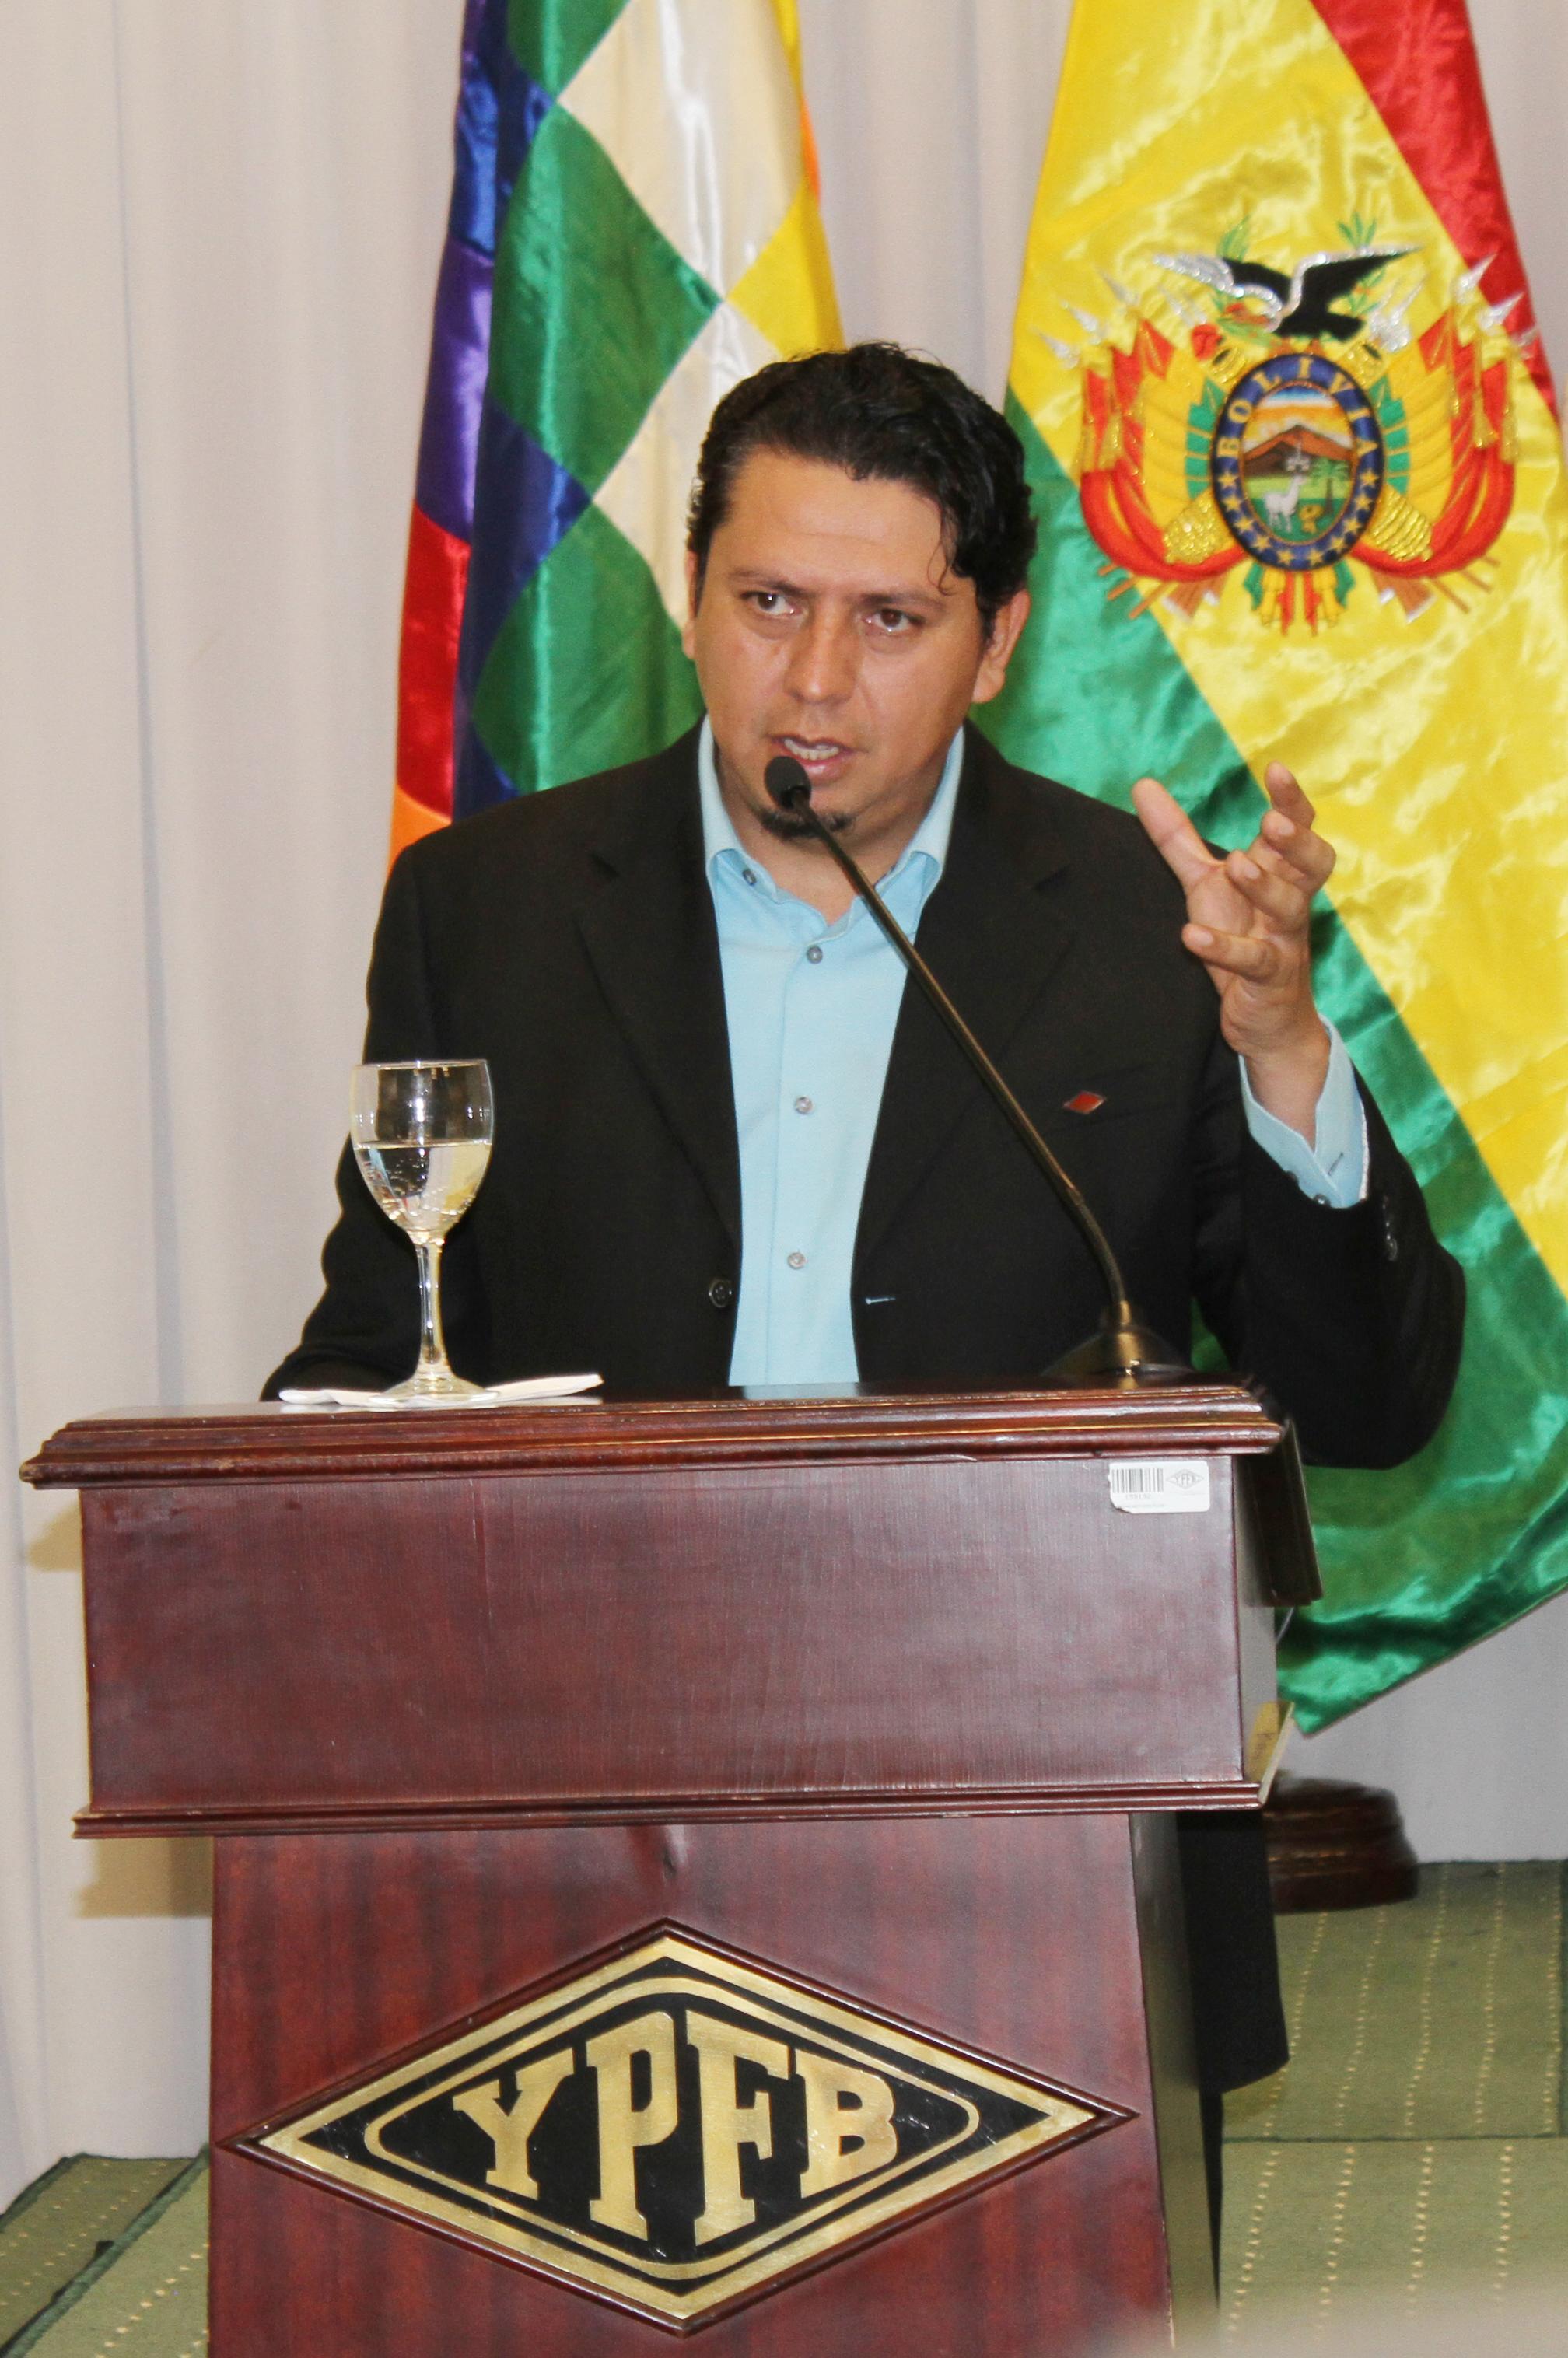 YPFB abrirá unidades de negocio en Brasil, Paraguay, Argentina y Perú